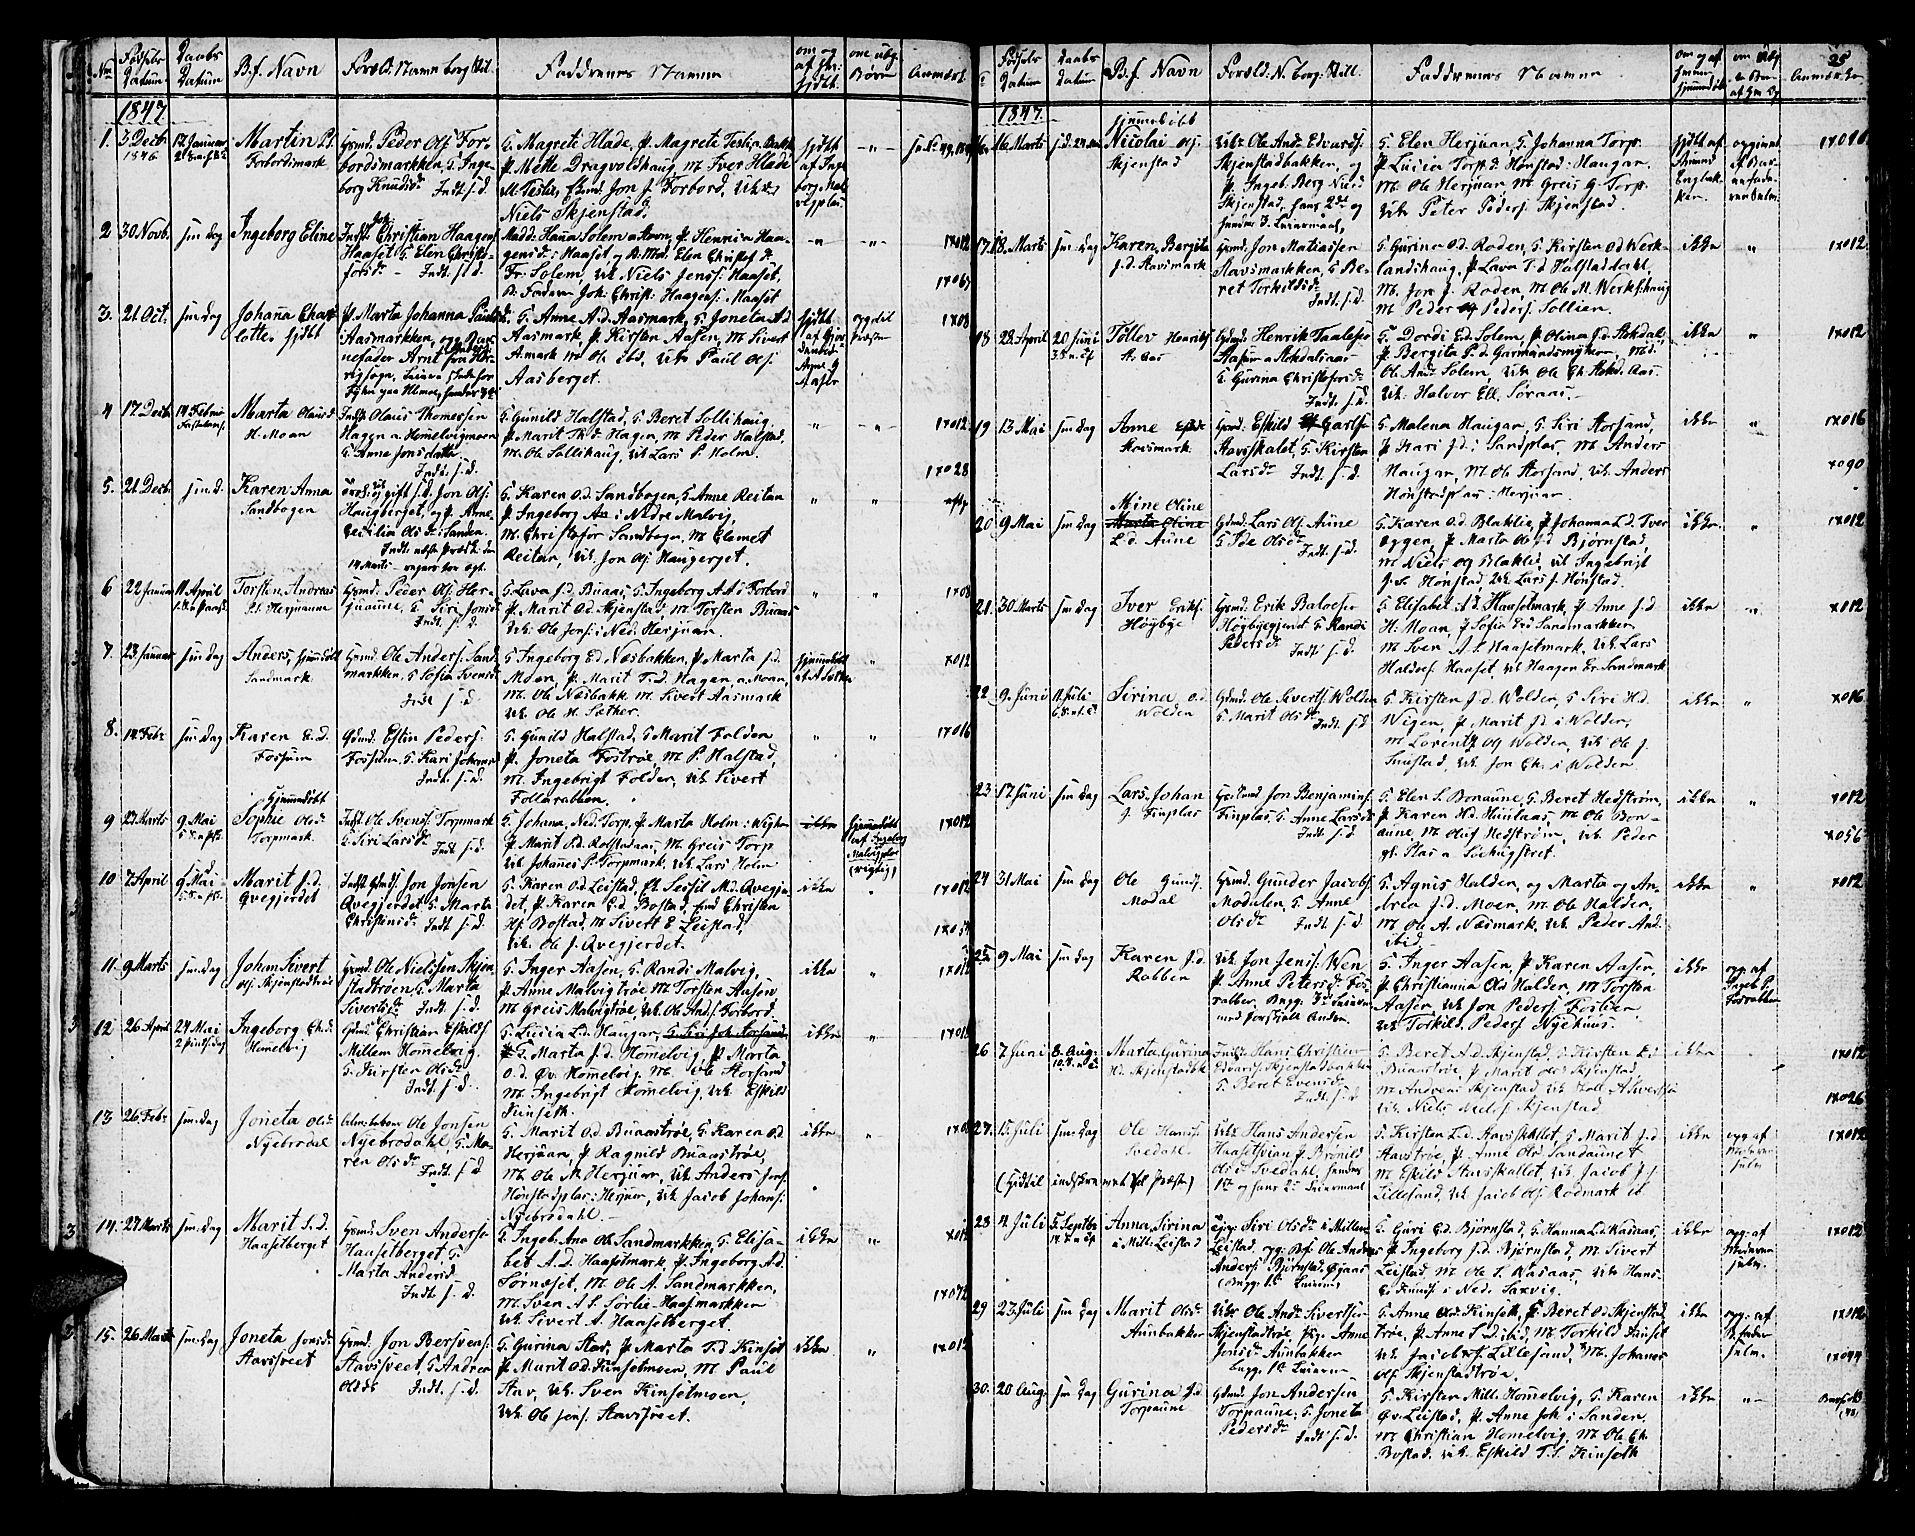 SAT, Ministerialprotokoller, klokkerbøker og fødselsregistre - Sør-Trøndelag, 616/L0421: Klokkerbok nr. 616C04, 1834-1850, s. 25